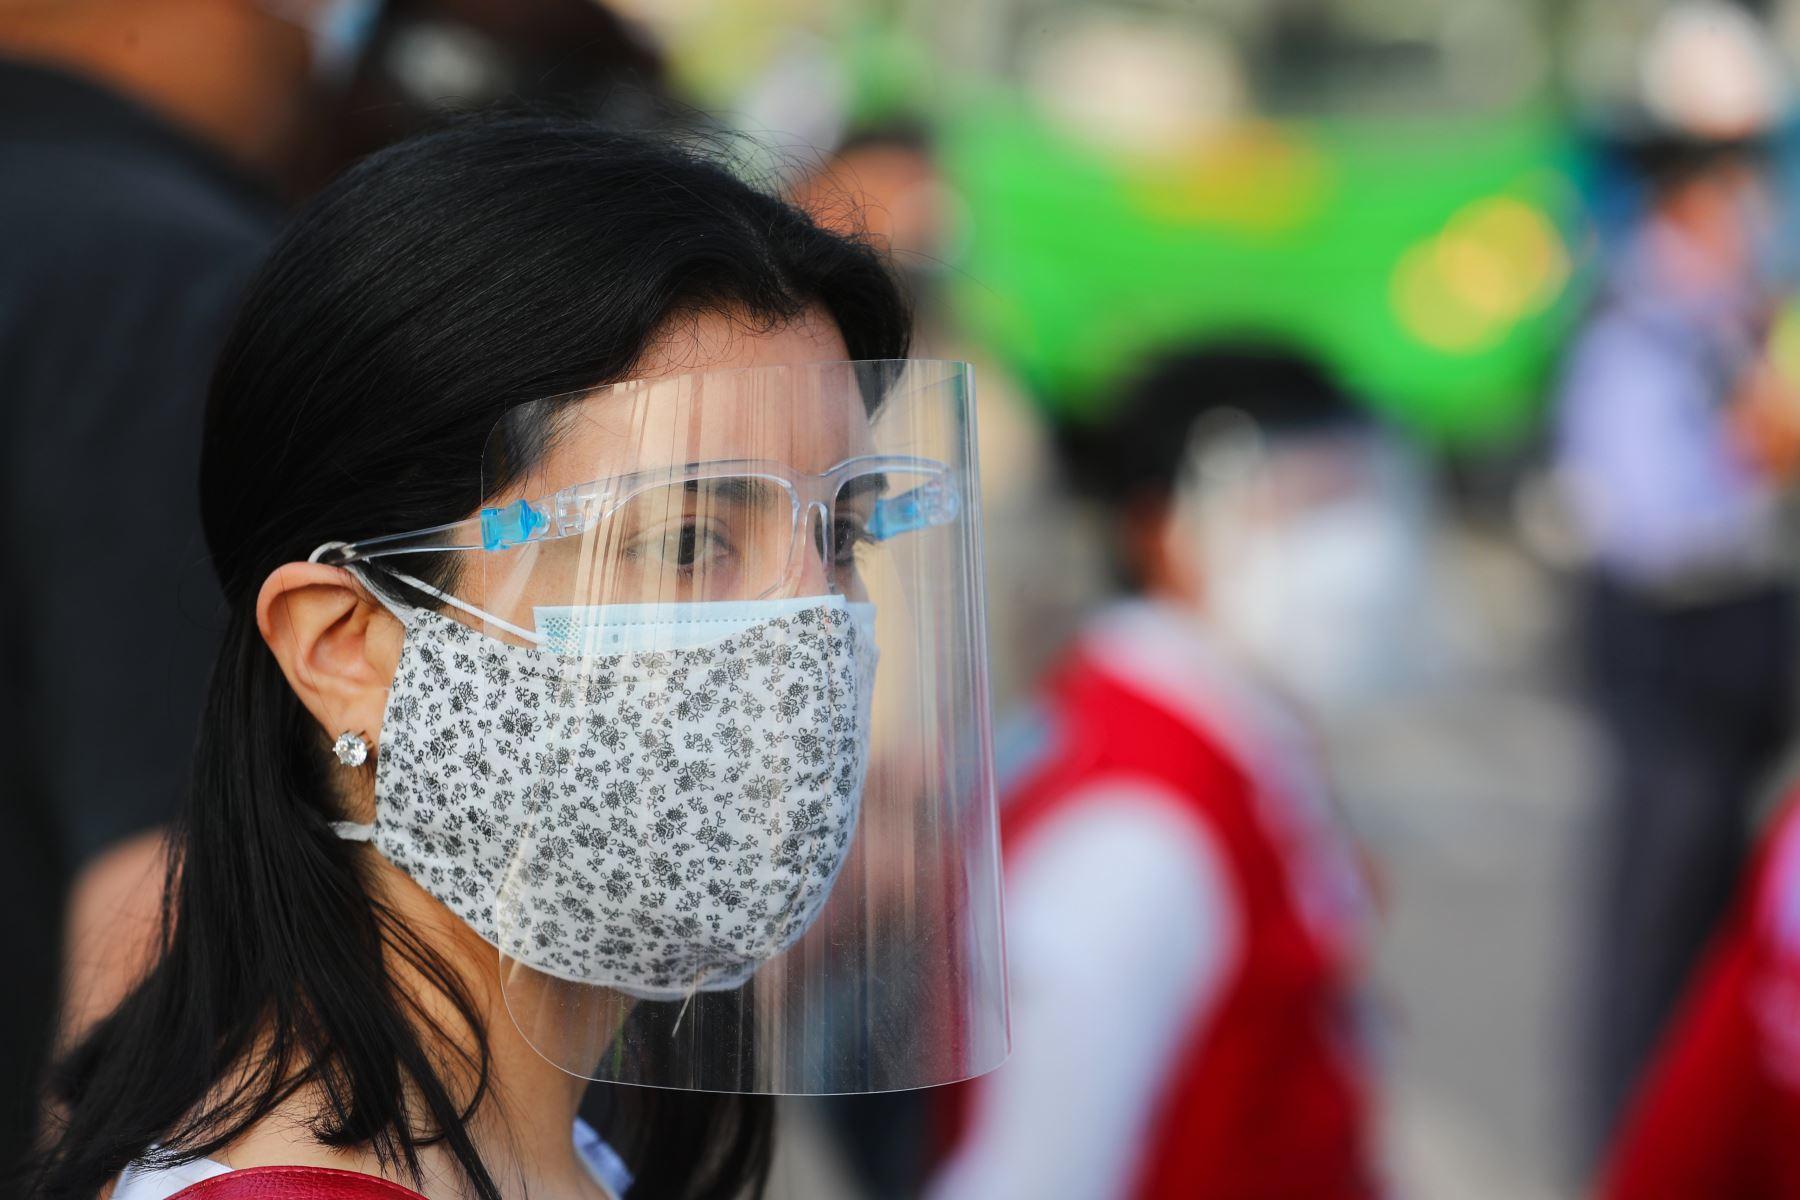 La eficiencia en una mascarilla está determinada por su capacidad para filtrar partículas que están en el aire. Dependiendo del nivel de filtración y del tamaño de partículas filtradas, se puede decir si es segura o no.